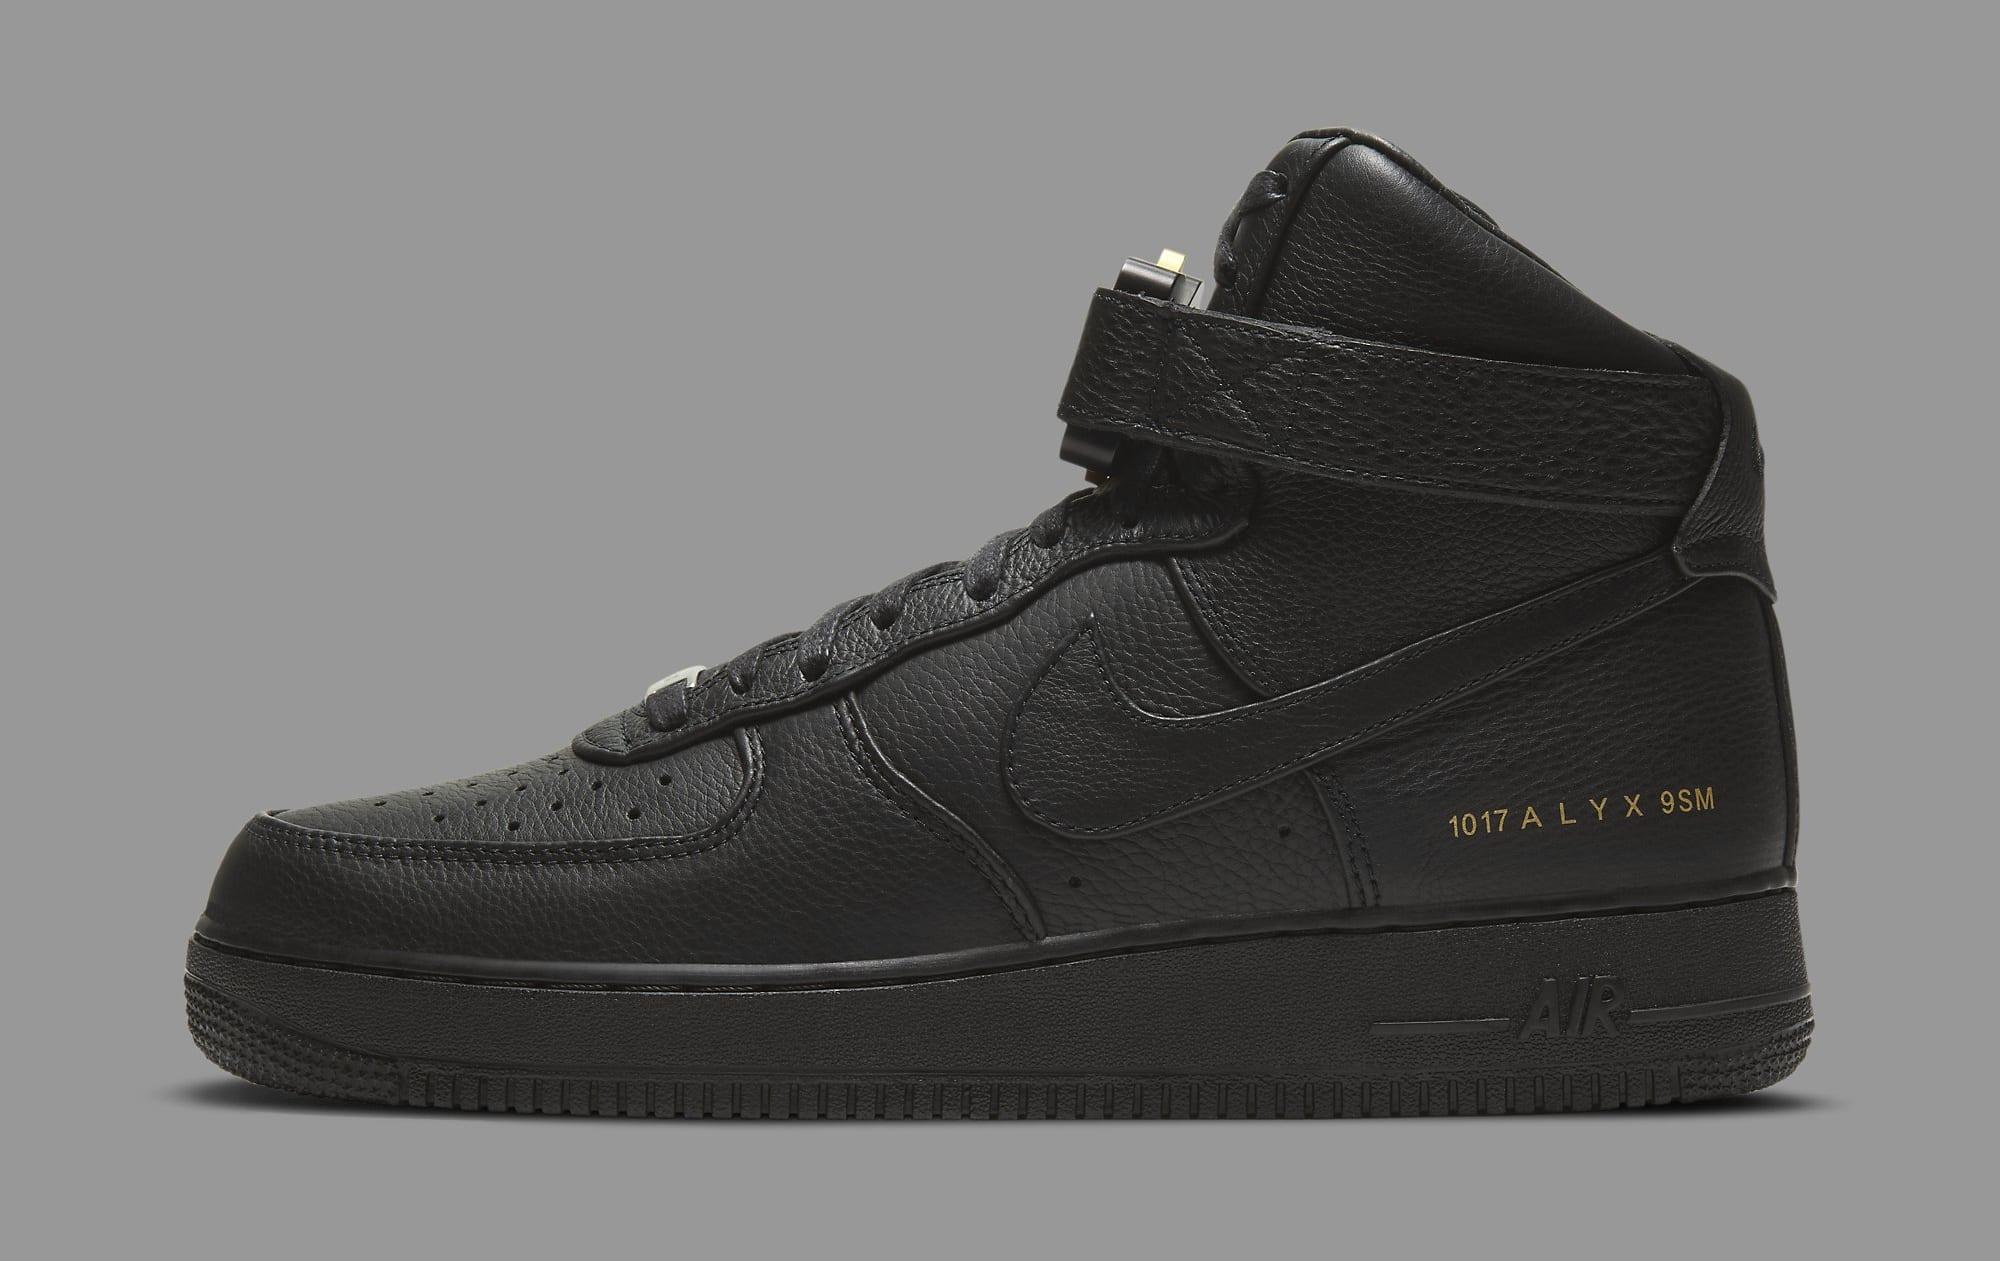 Alyx x Nike Air Force 1 High CQ4018-001 Lateral